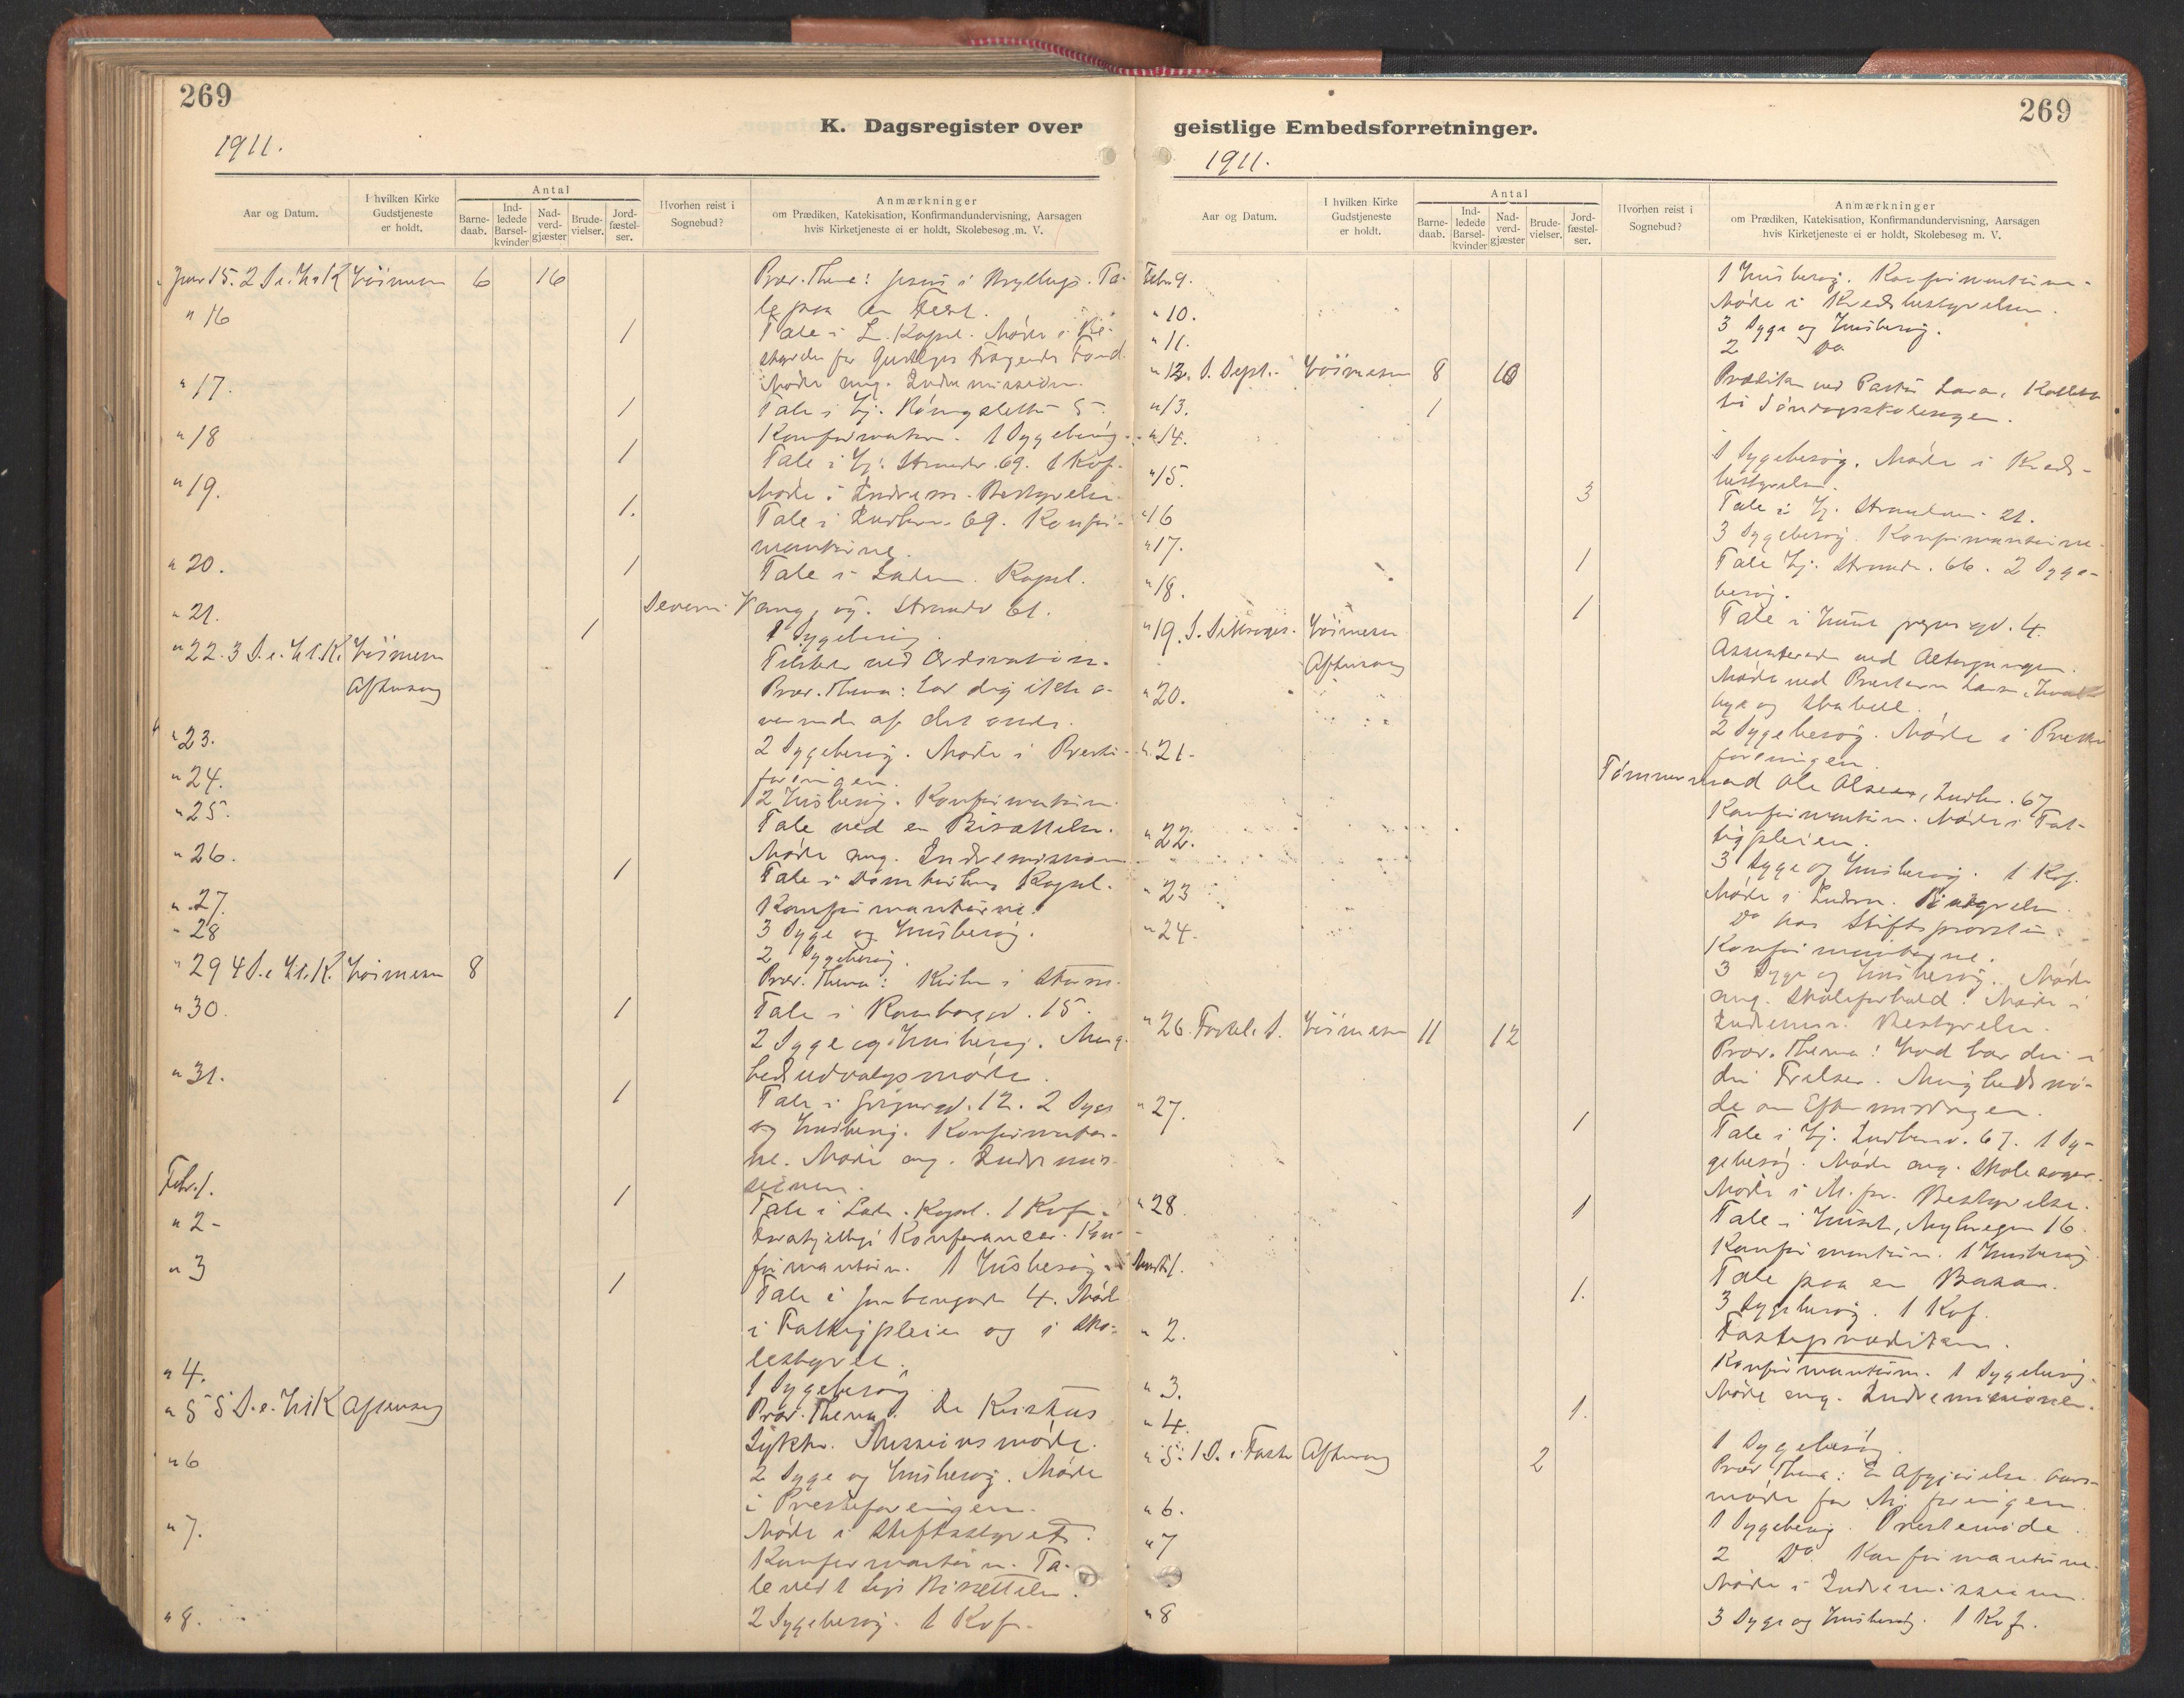 SAT, Ministerialprotokoller, klokkerbøker og fødselsregistre - Sør-Trøndelag, 605/L0244: Ministerialbok nr. 605A06, 1908-1954, s. 269